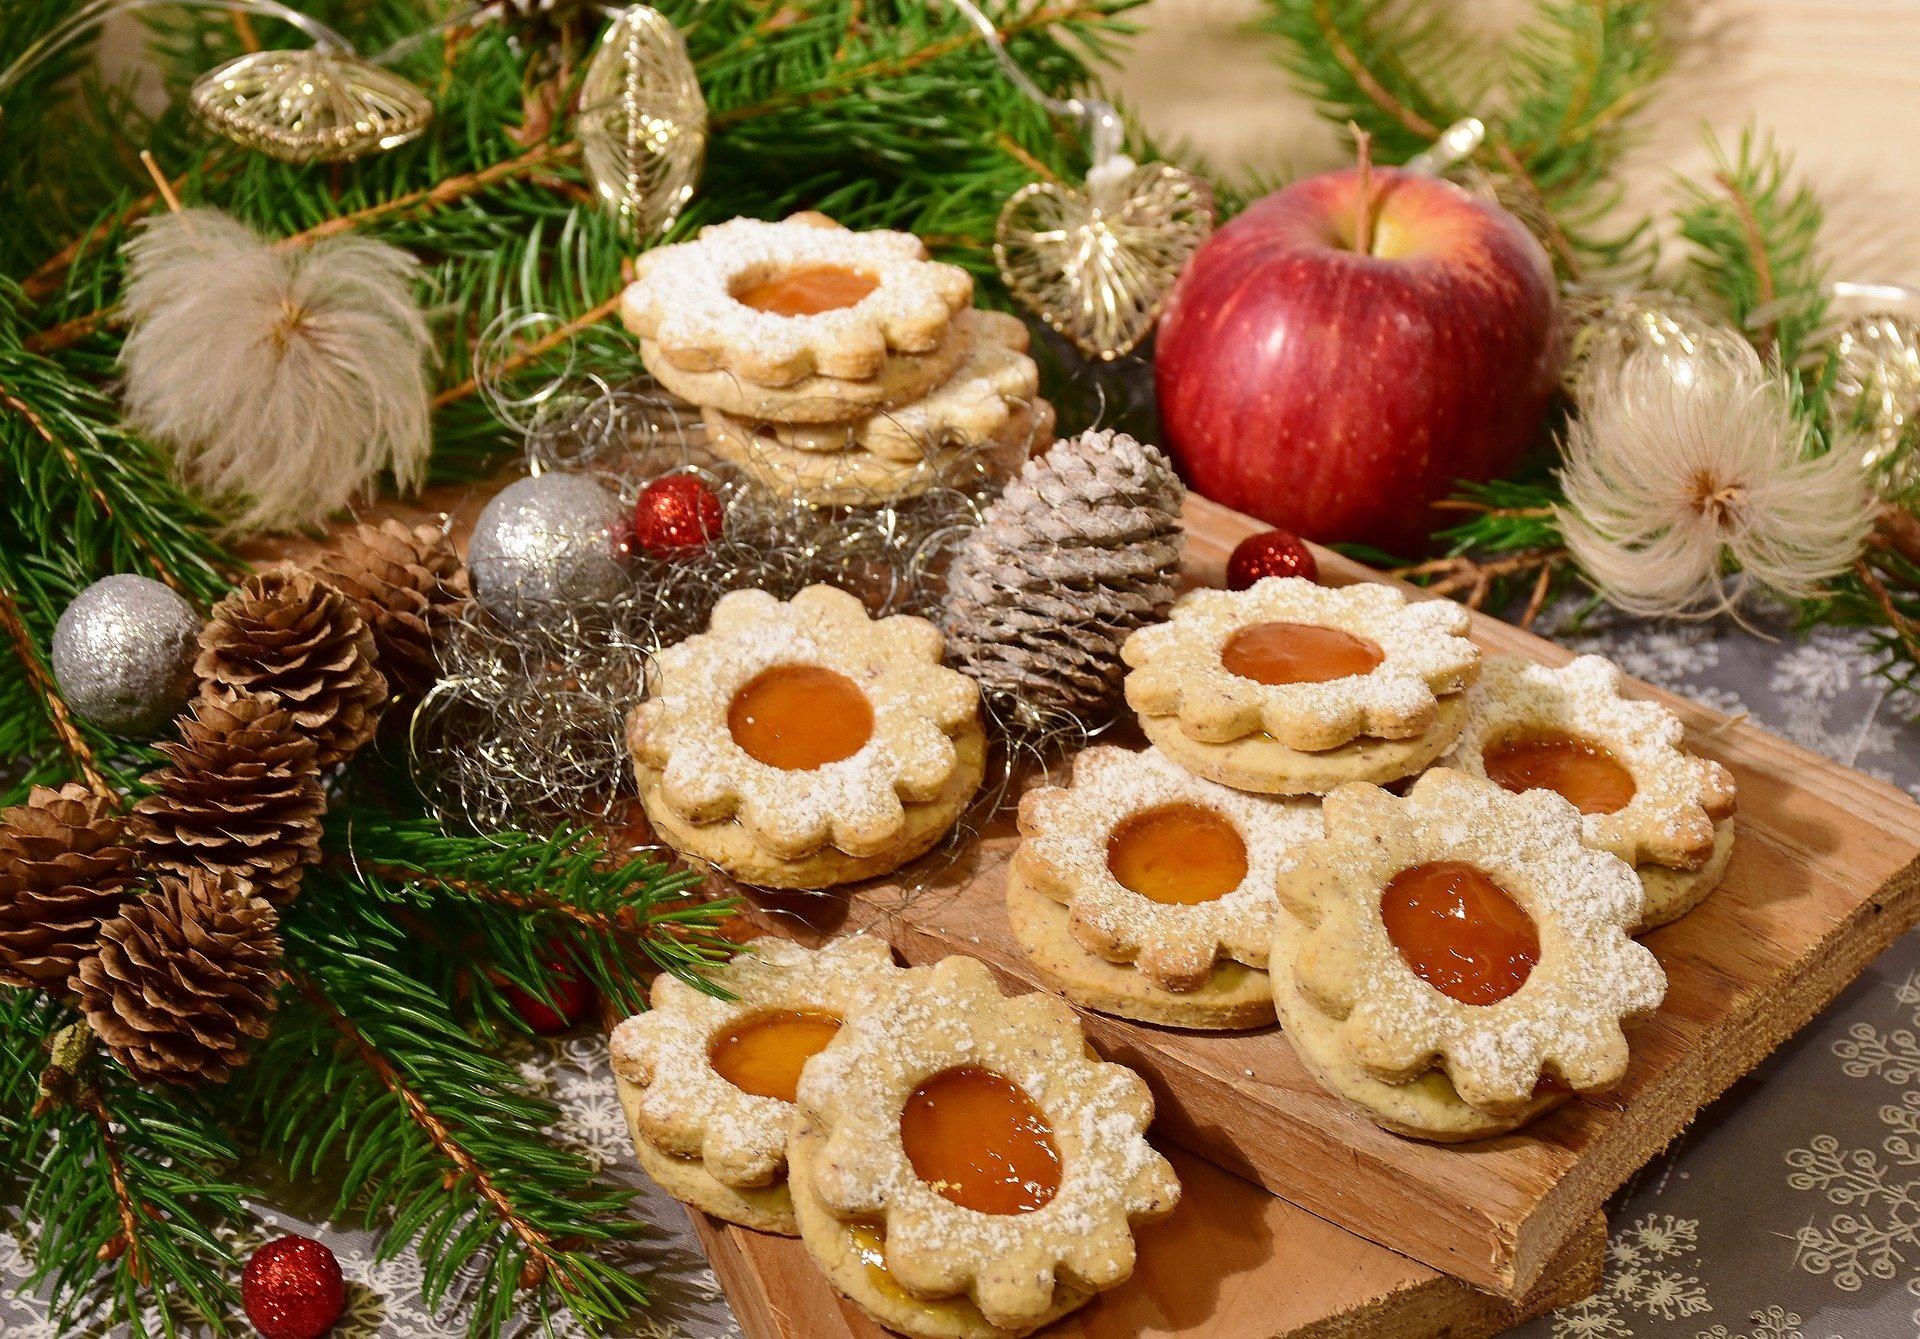 Weihnachtsplätzchen nett dekoriert auf einem Brett zwischen Tannenzweigen, tannenzapfen und einem Apfel